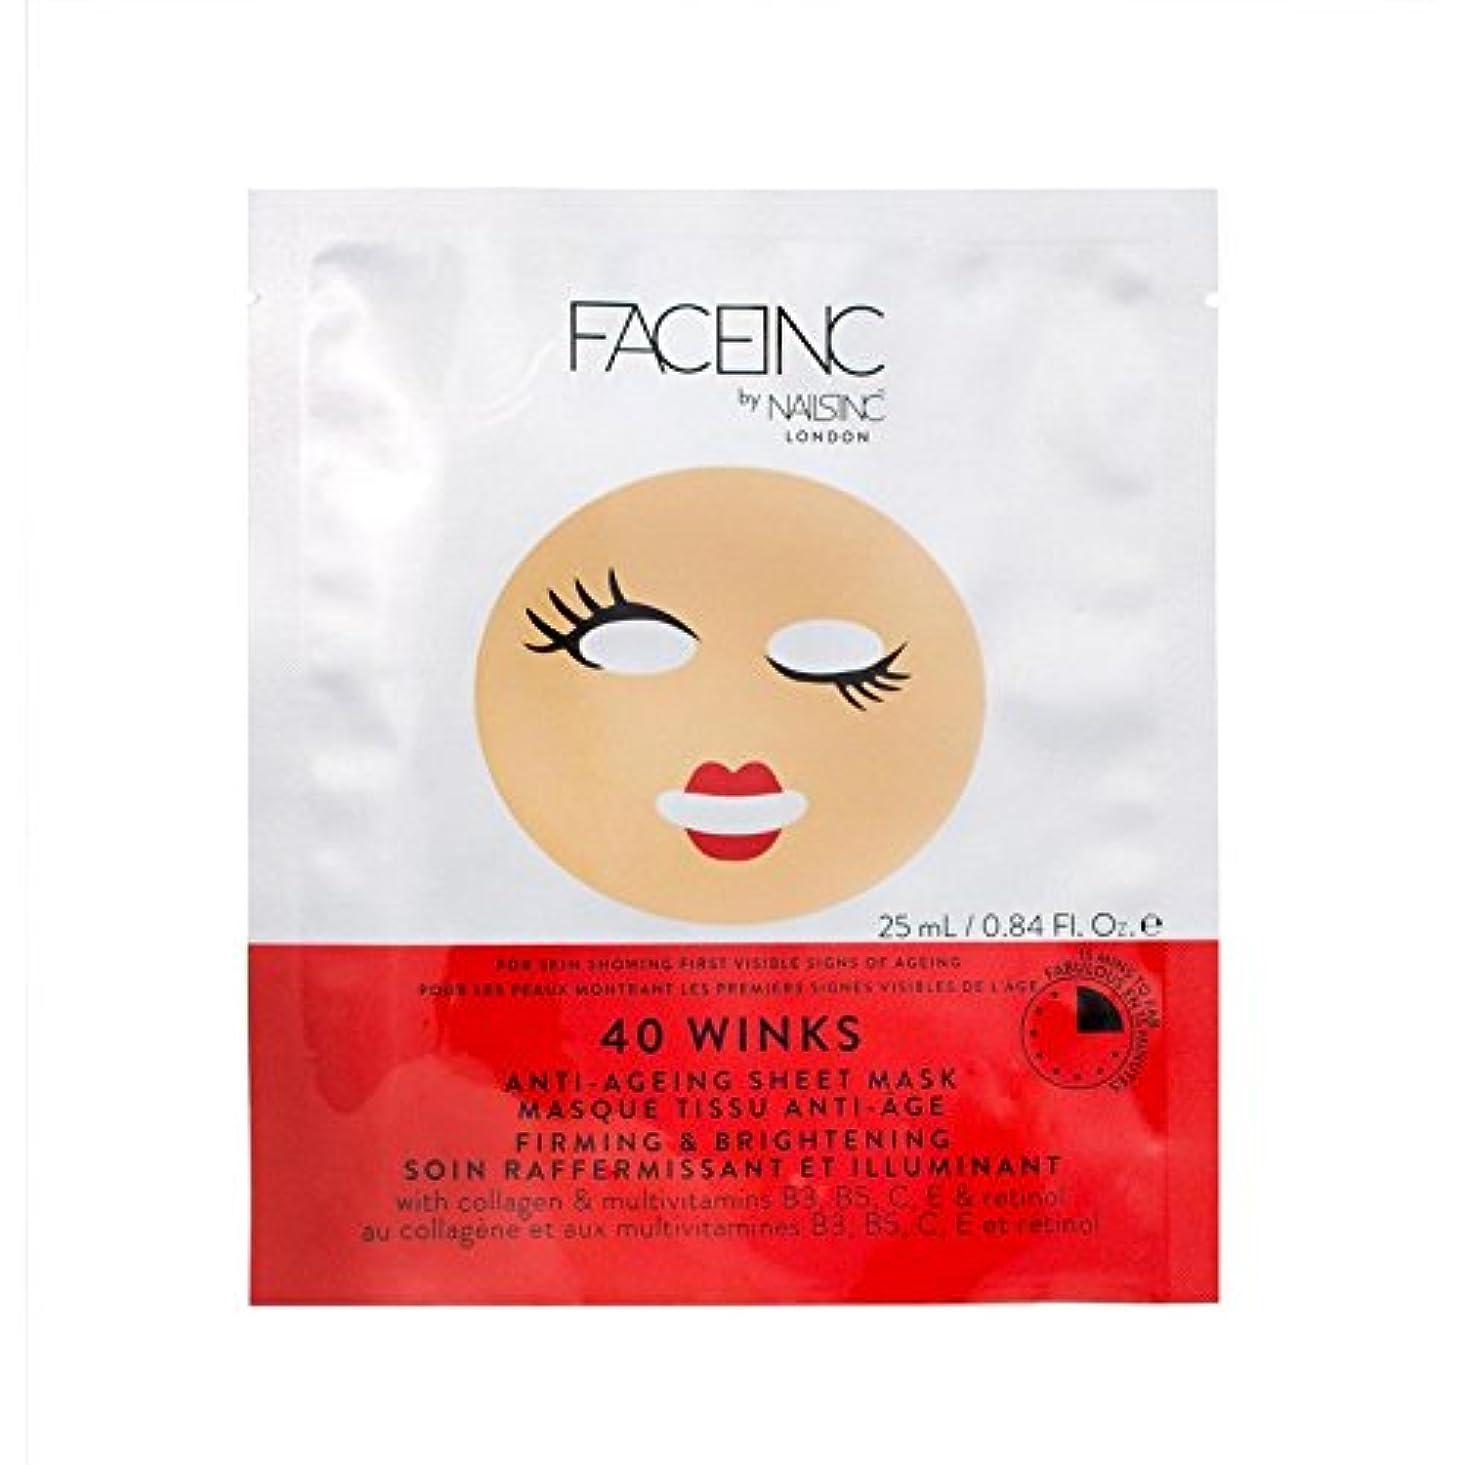 爪が株式会社顔株式会社40のウィンクは、マスク x2 - Nails Inc. Face Inc 40 Winks Mask (Pack of 2) [並行輸入品]